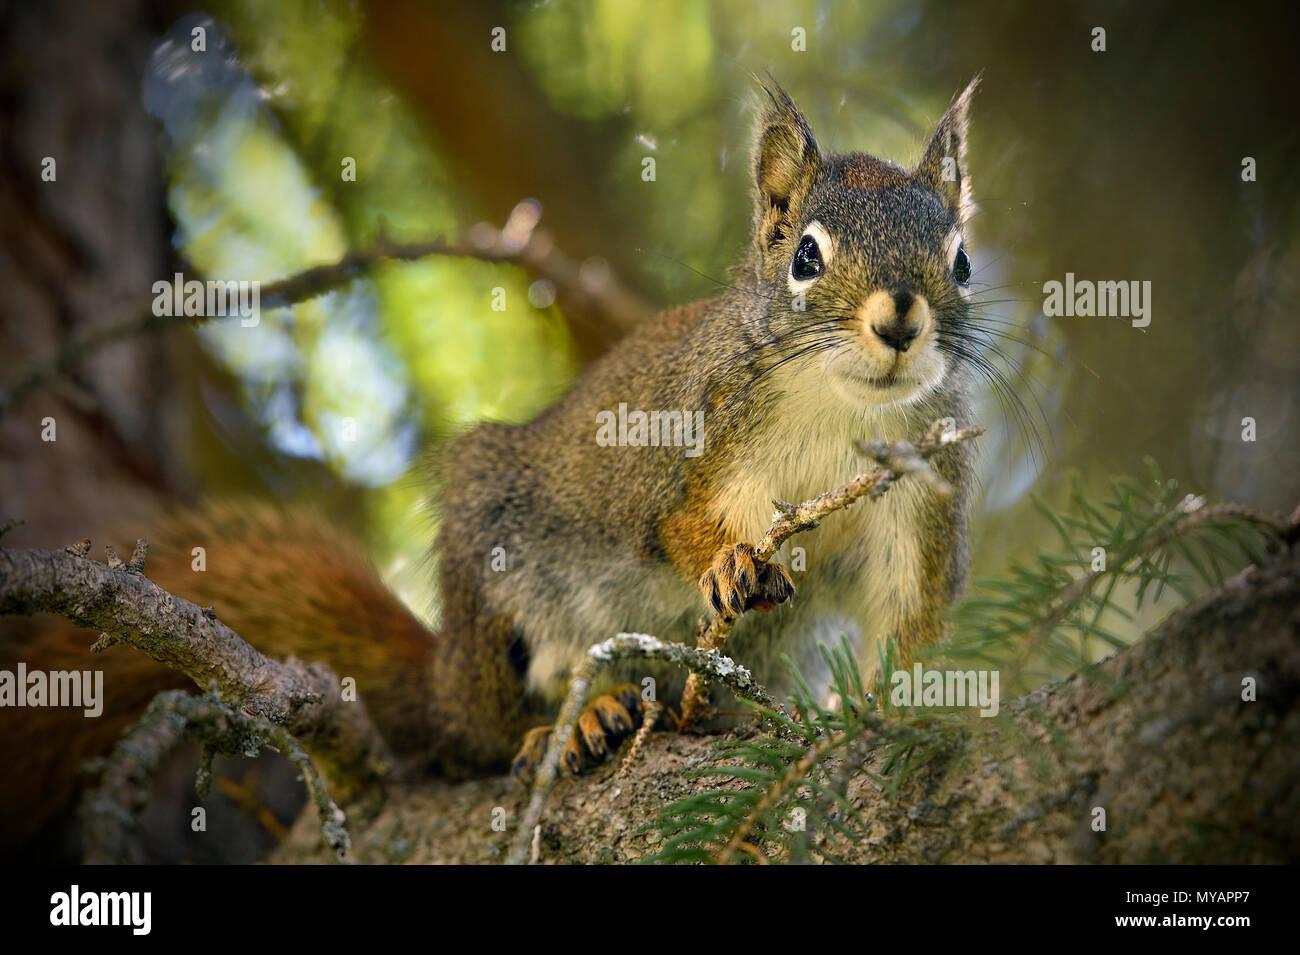 Una imagen de una ardilla roja 'Tamiasciurus hudsonicus'; sentado en su alto árbol mirando hacia abajo Imagen De Stock